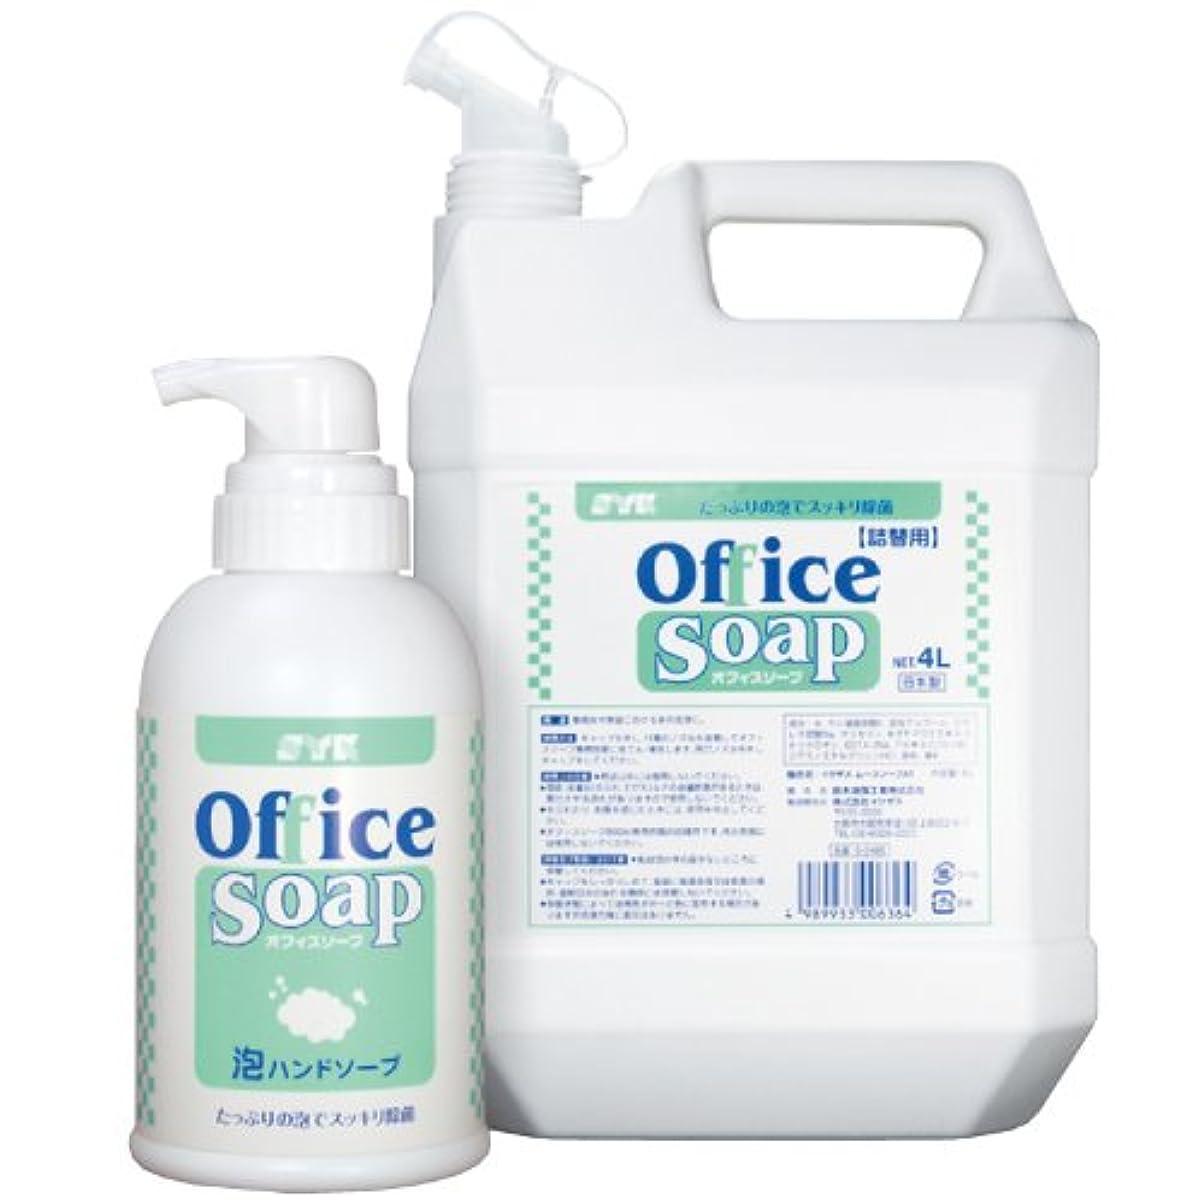 類人猿競争力のある綺麗な鈴木油脂 事務所用手洗い洗剤 業務用 オフィスソープ ポンプ入 780ml×3本